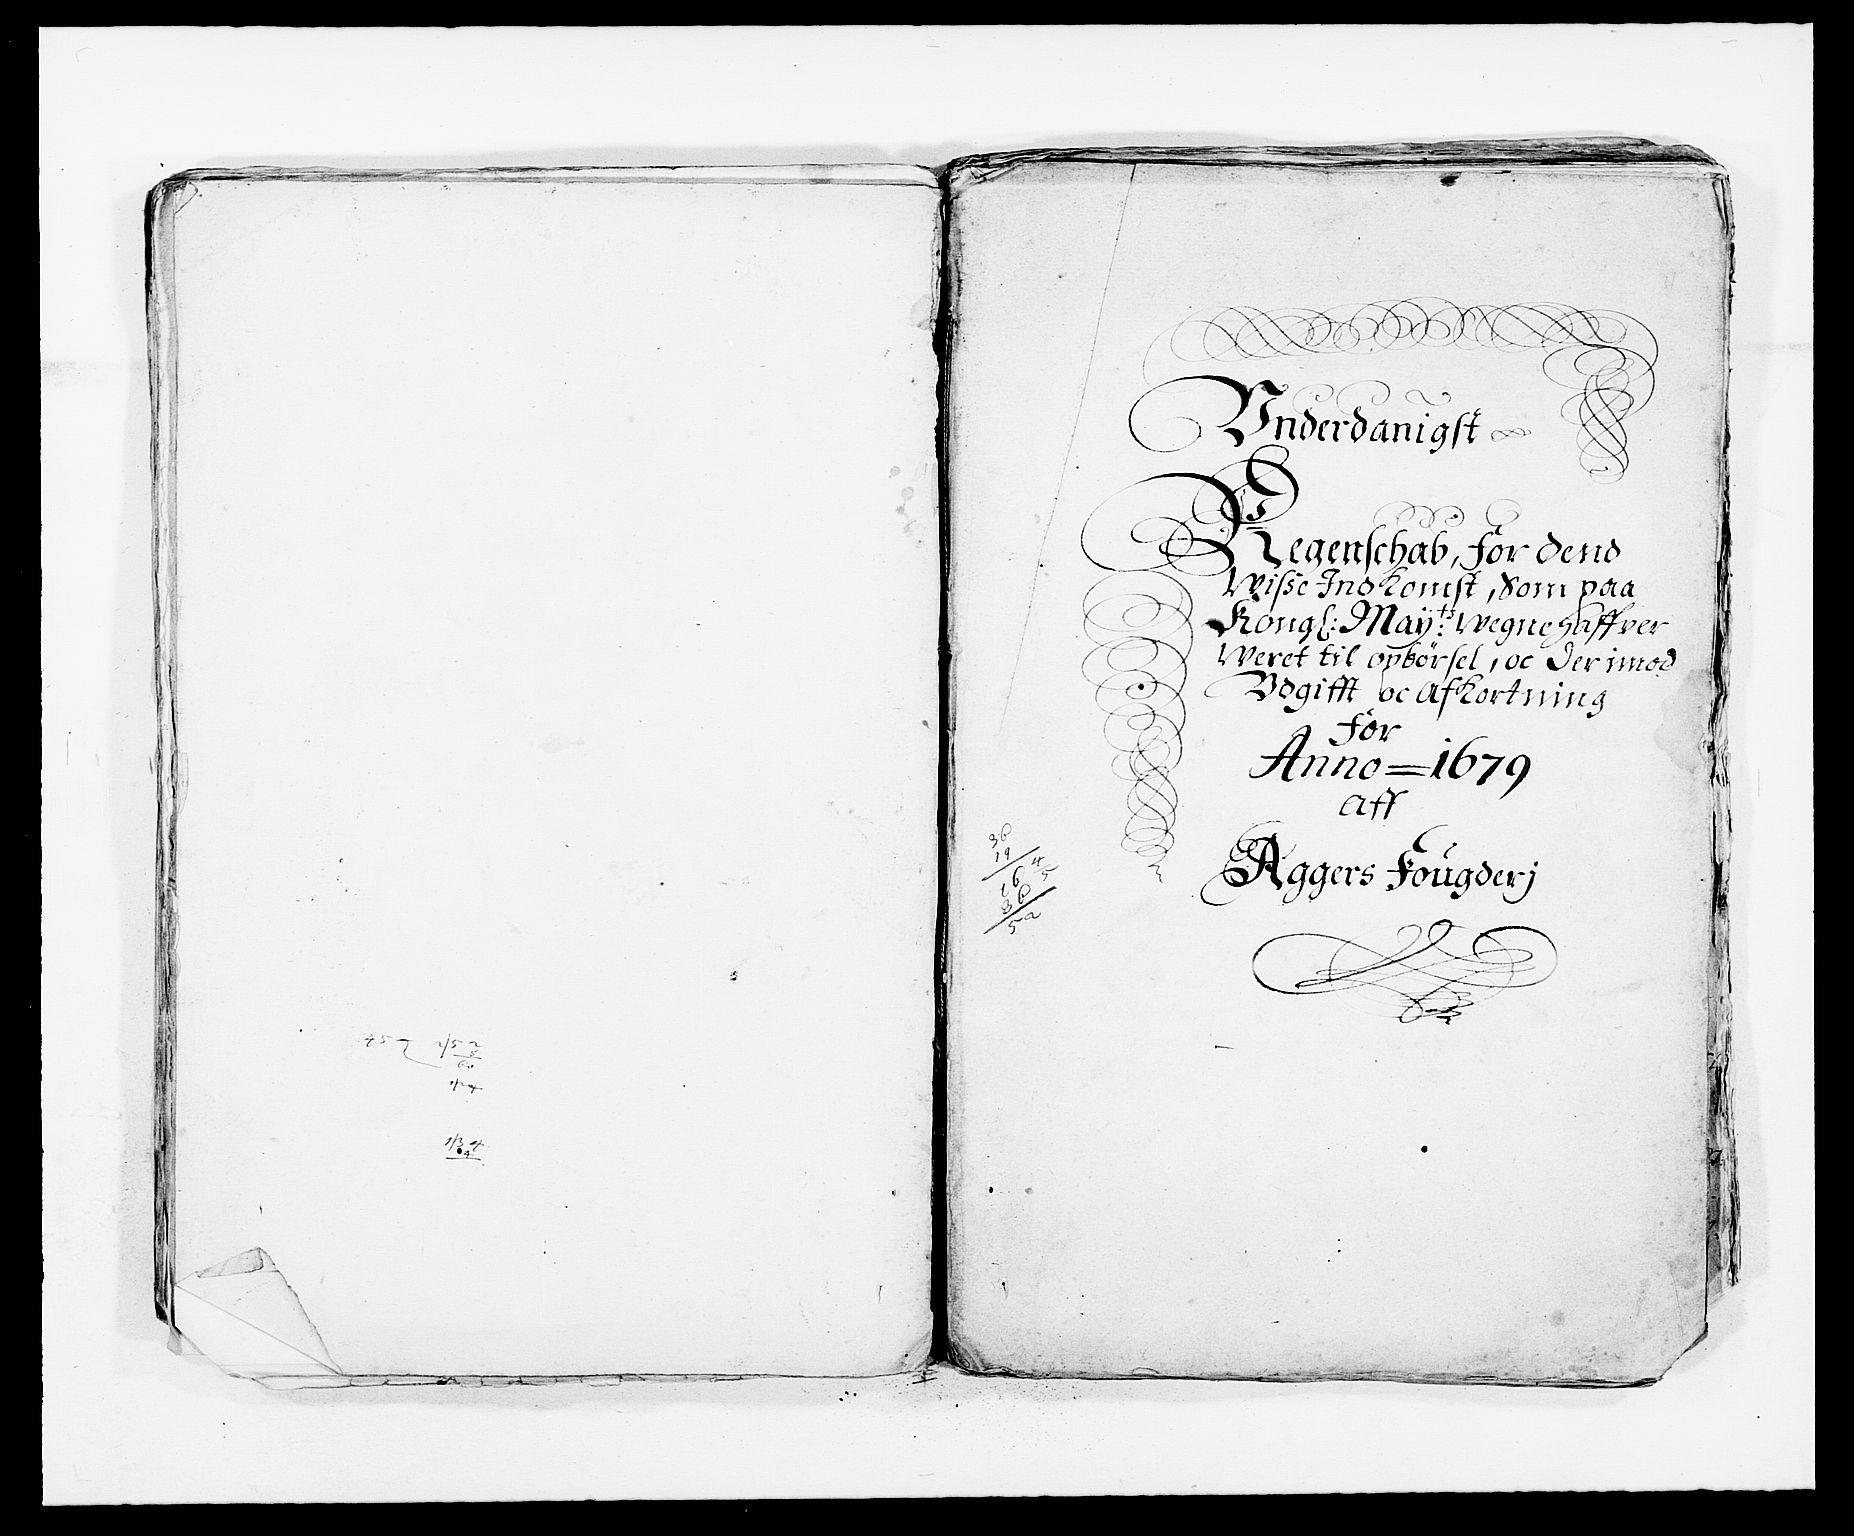 RA, Rentekammeret inntil 1814, Reviderte regnskaper, Fogderegnskap, R08/L0416: Fogderegnskap Aker, 1678-1681, s. 56